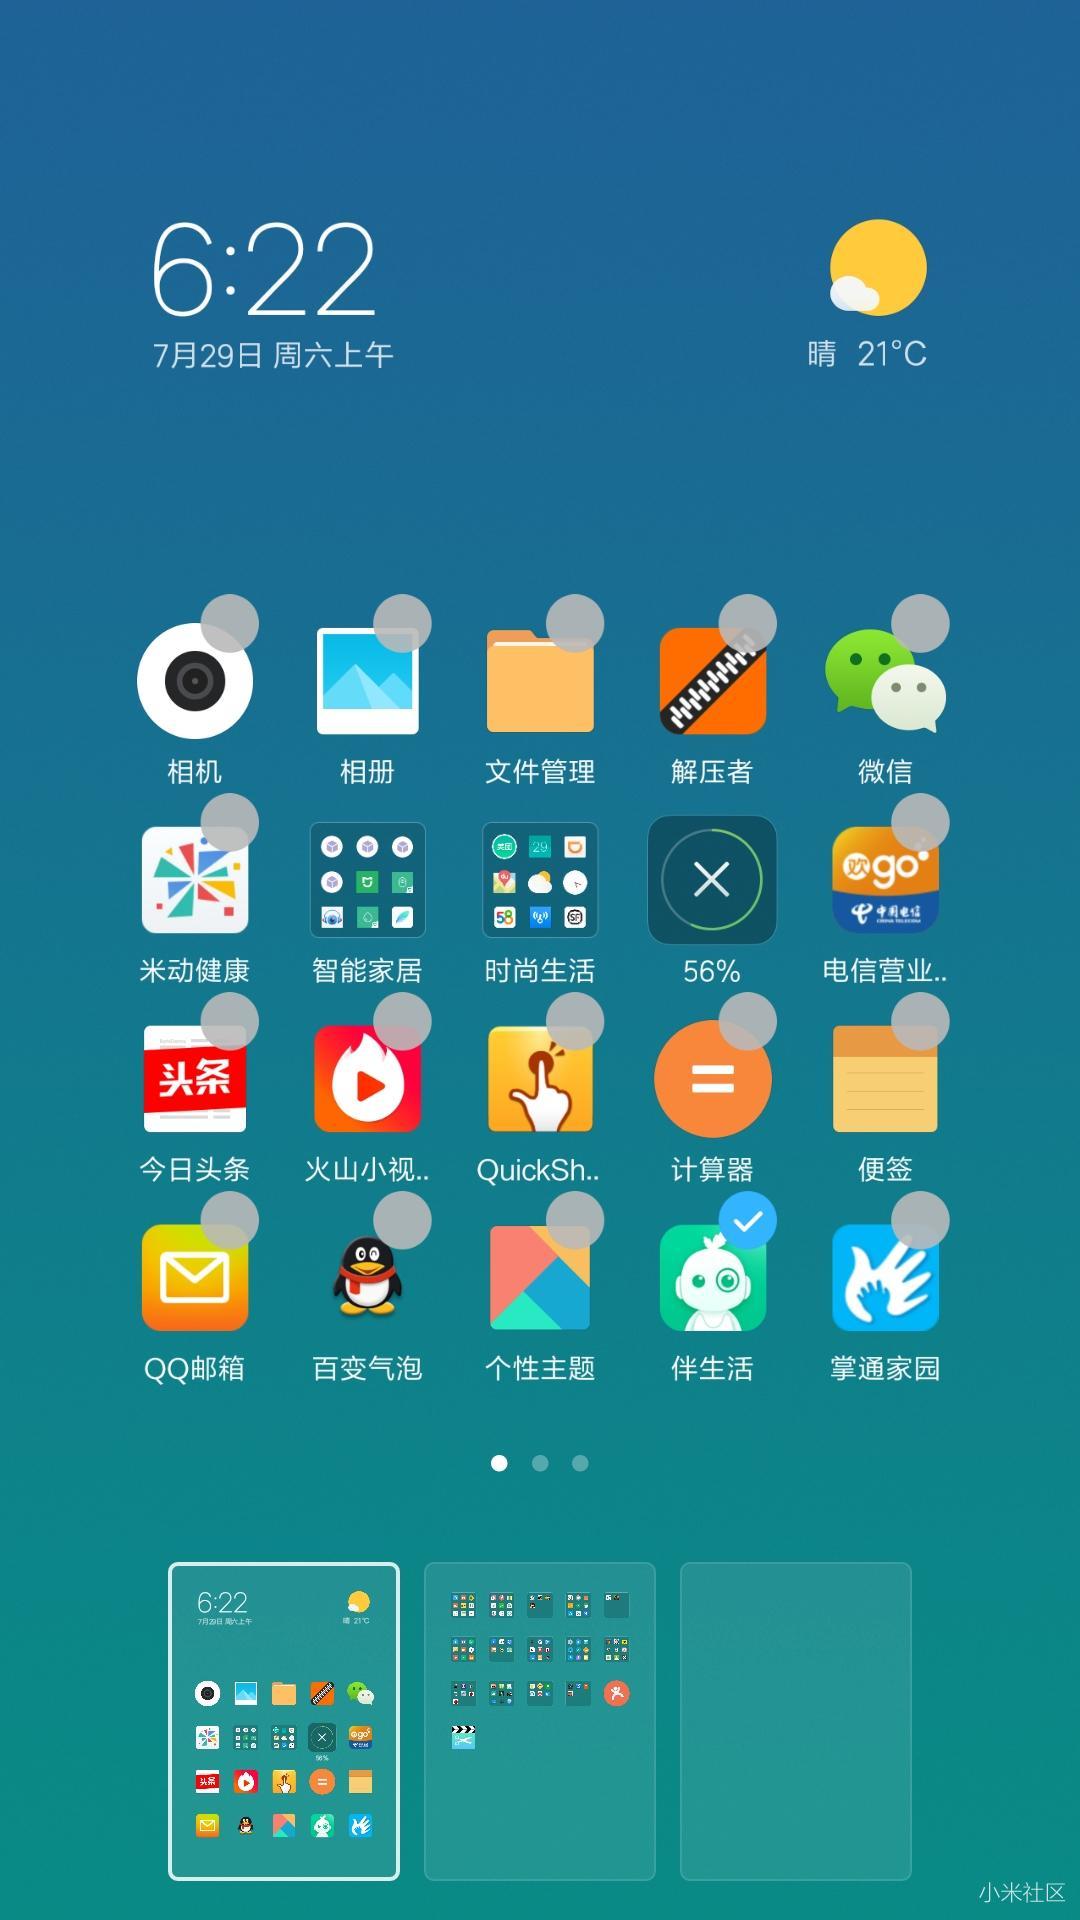 【图片2】MIUI 9 新功能速递,5项大升级需注意